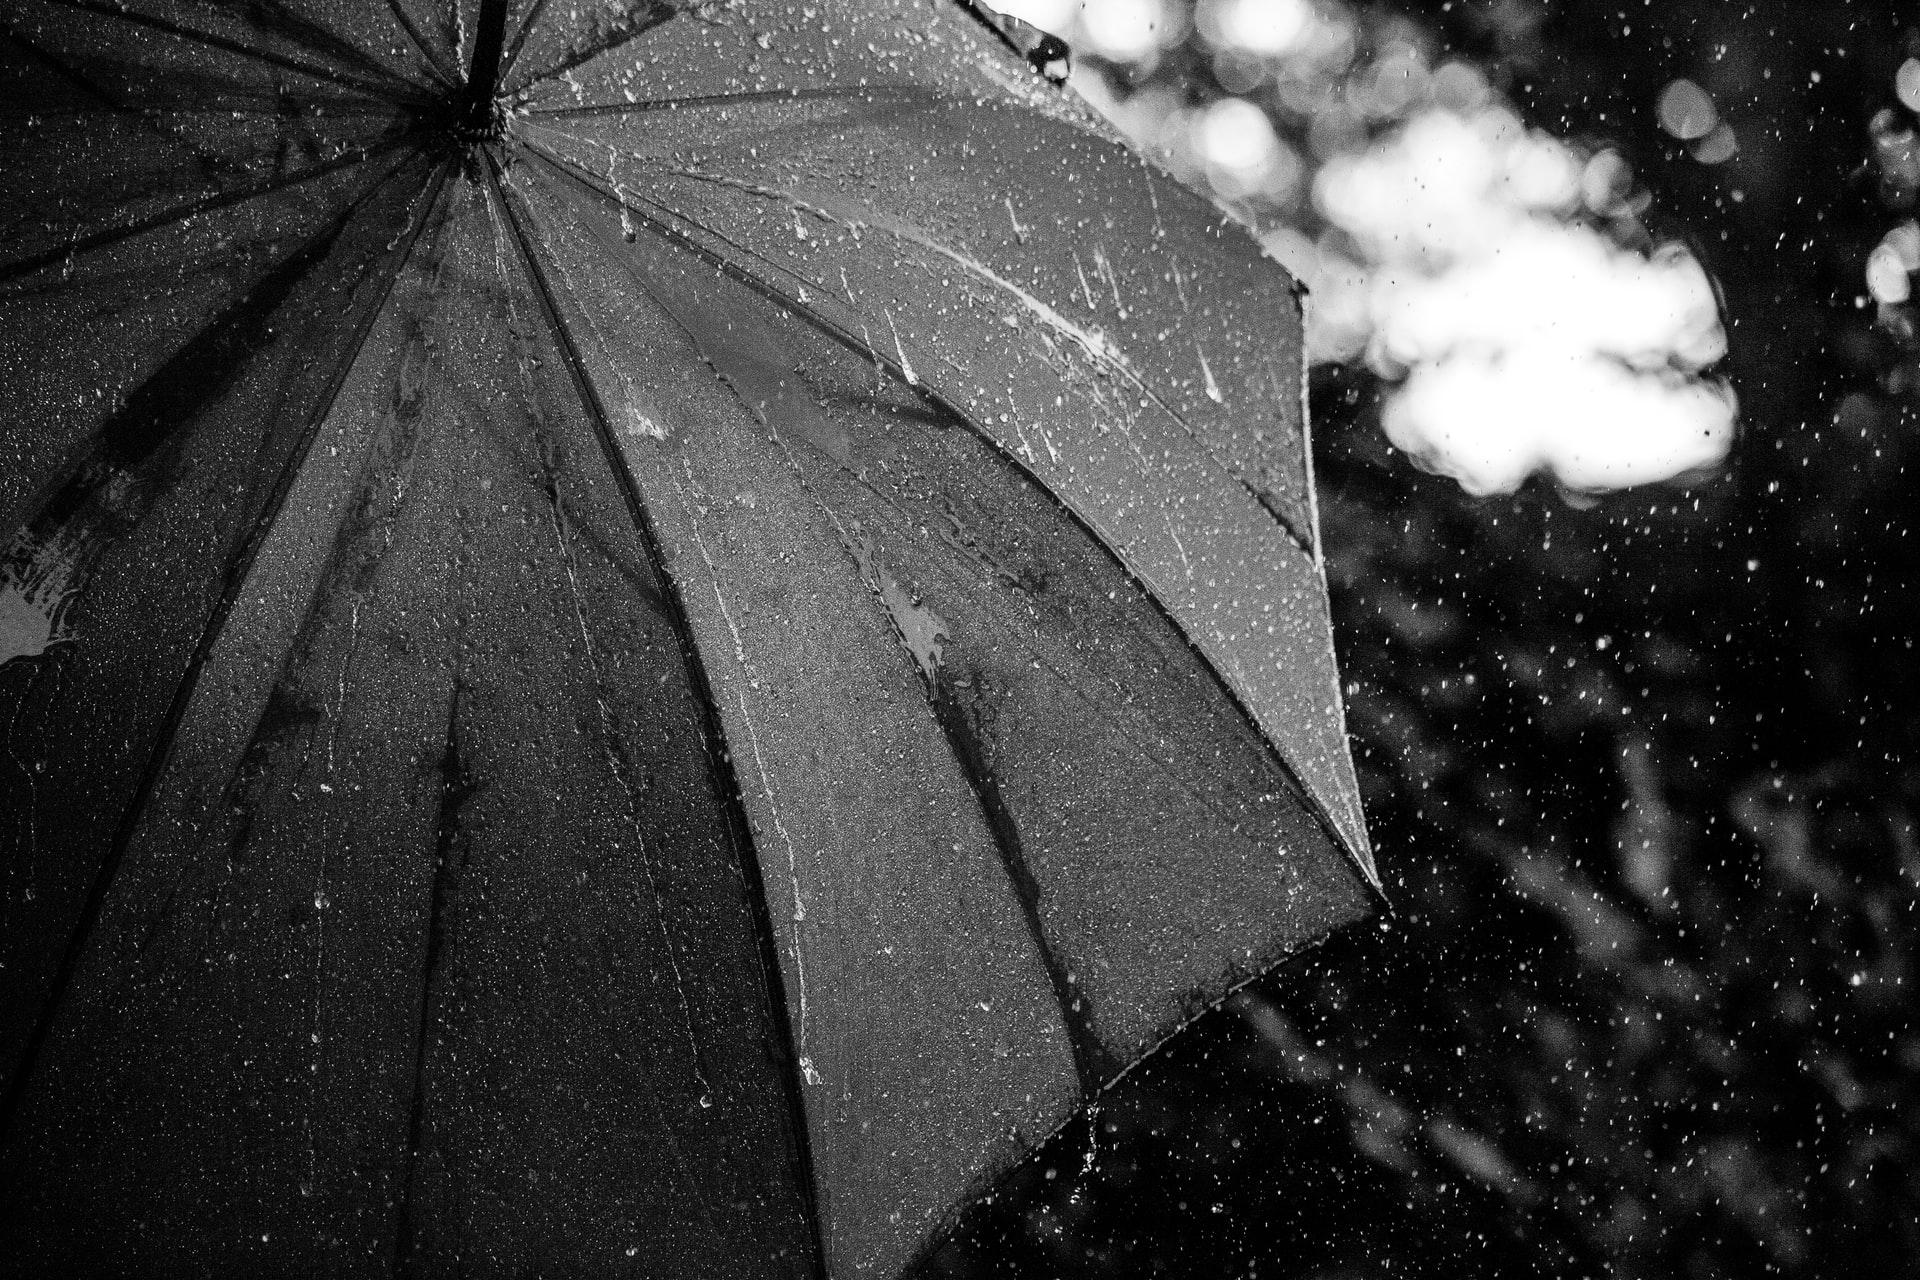 Neka kišobran bude uz vas: Danas povremena kiša, lokalno moguće obilnije padavine